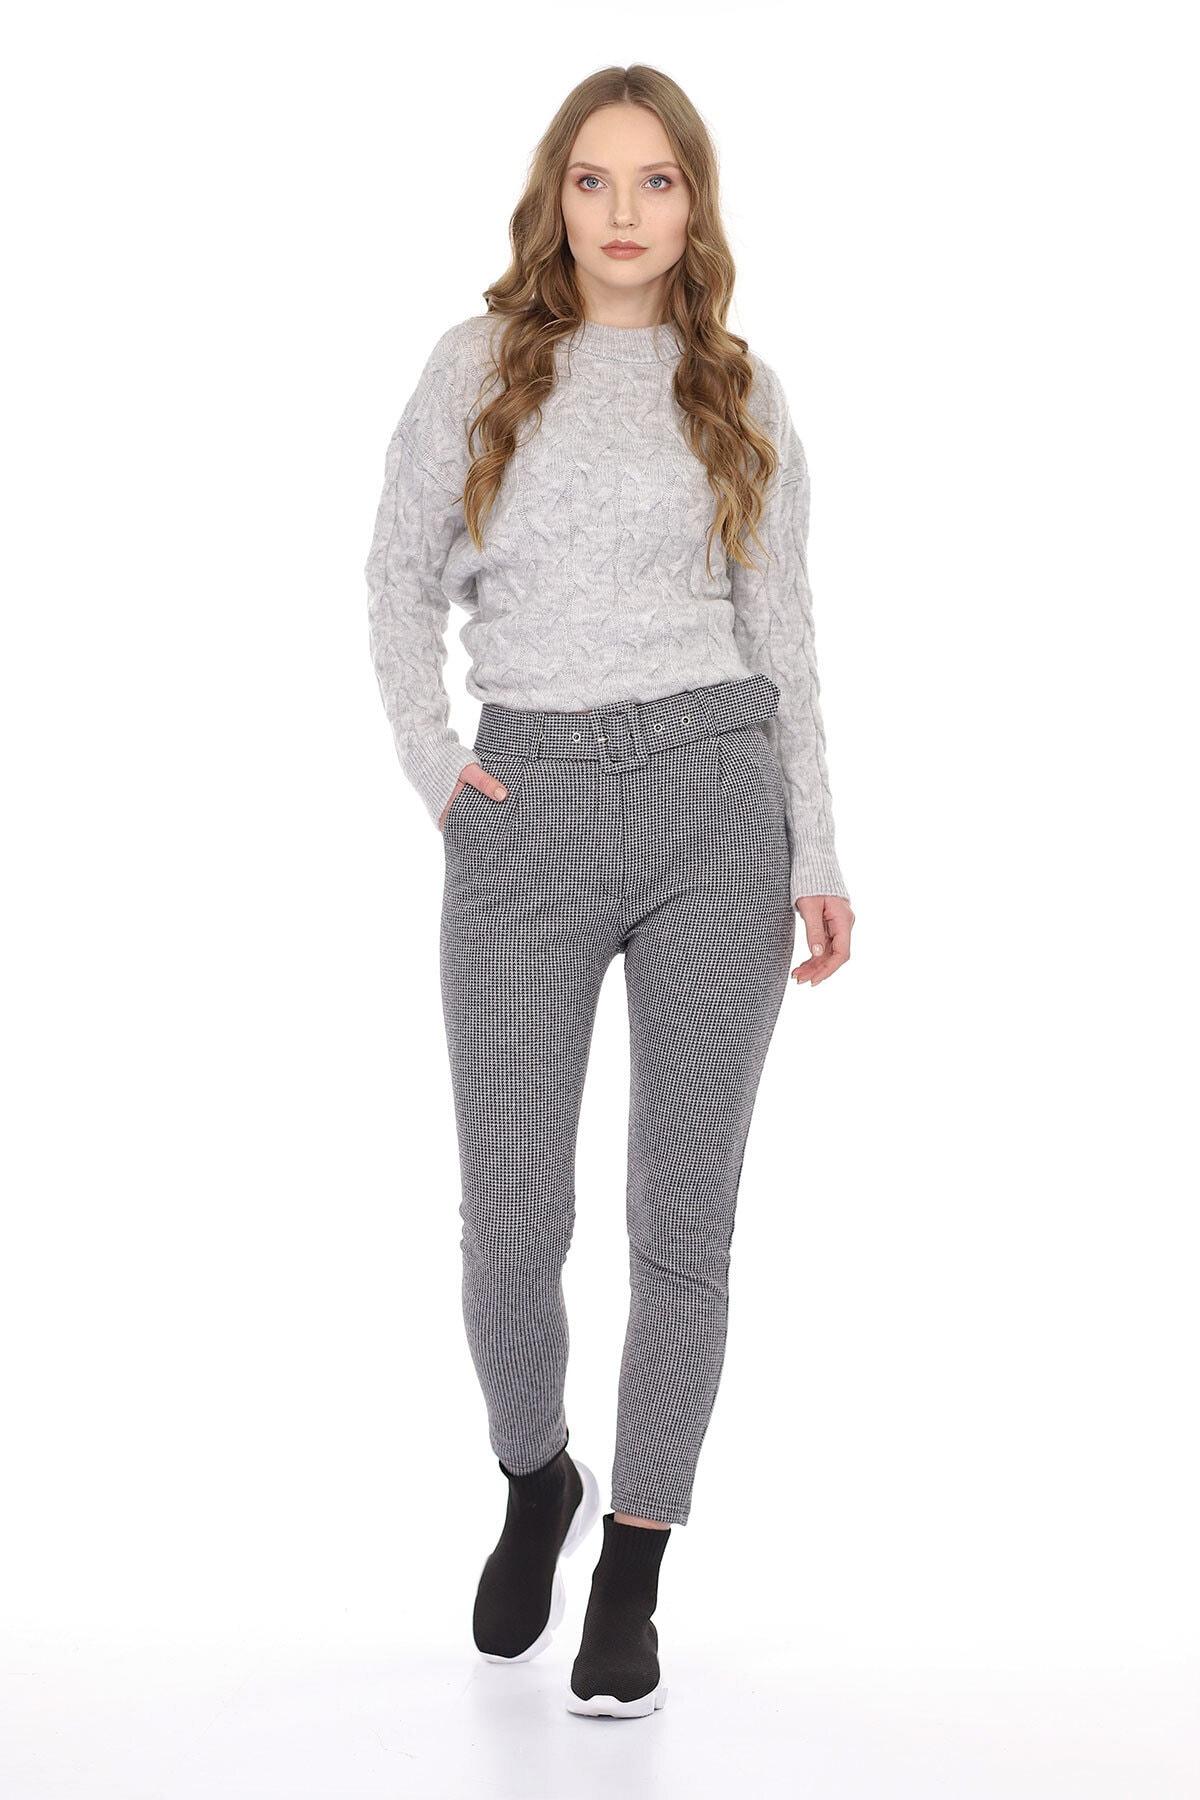 Carlamia Kadın Bel Kemerli Ekose Pantolon 1